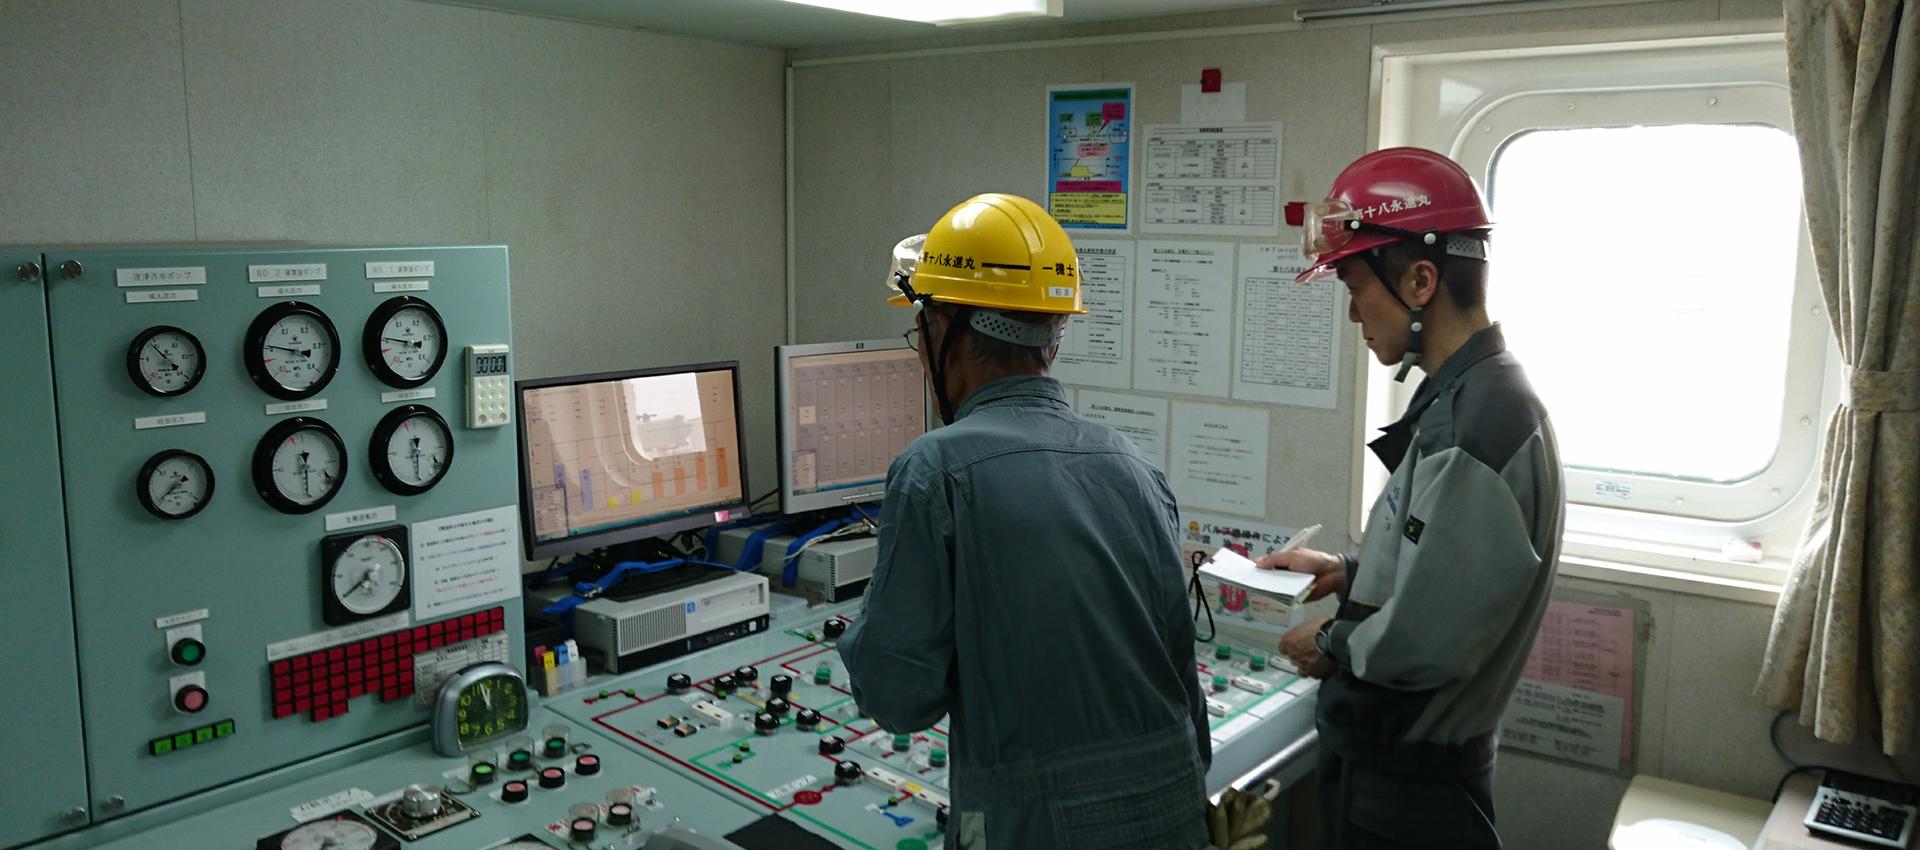 興栄海運株式会社・船員の一日